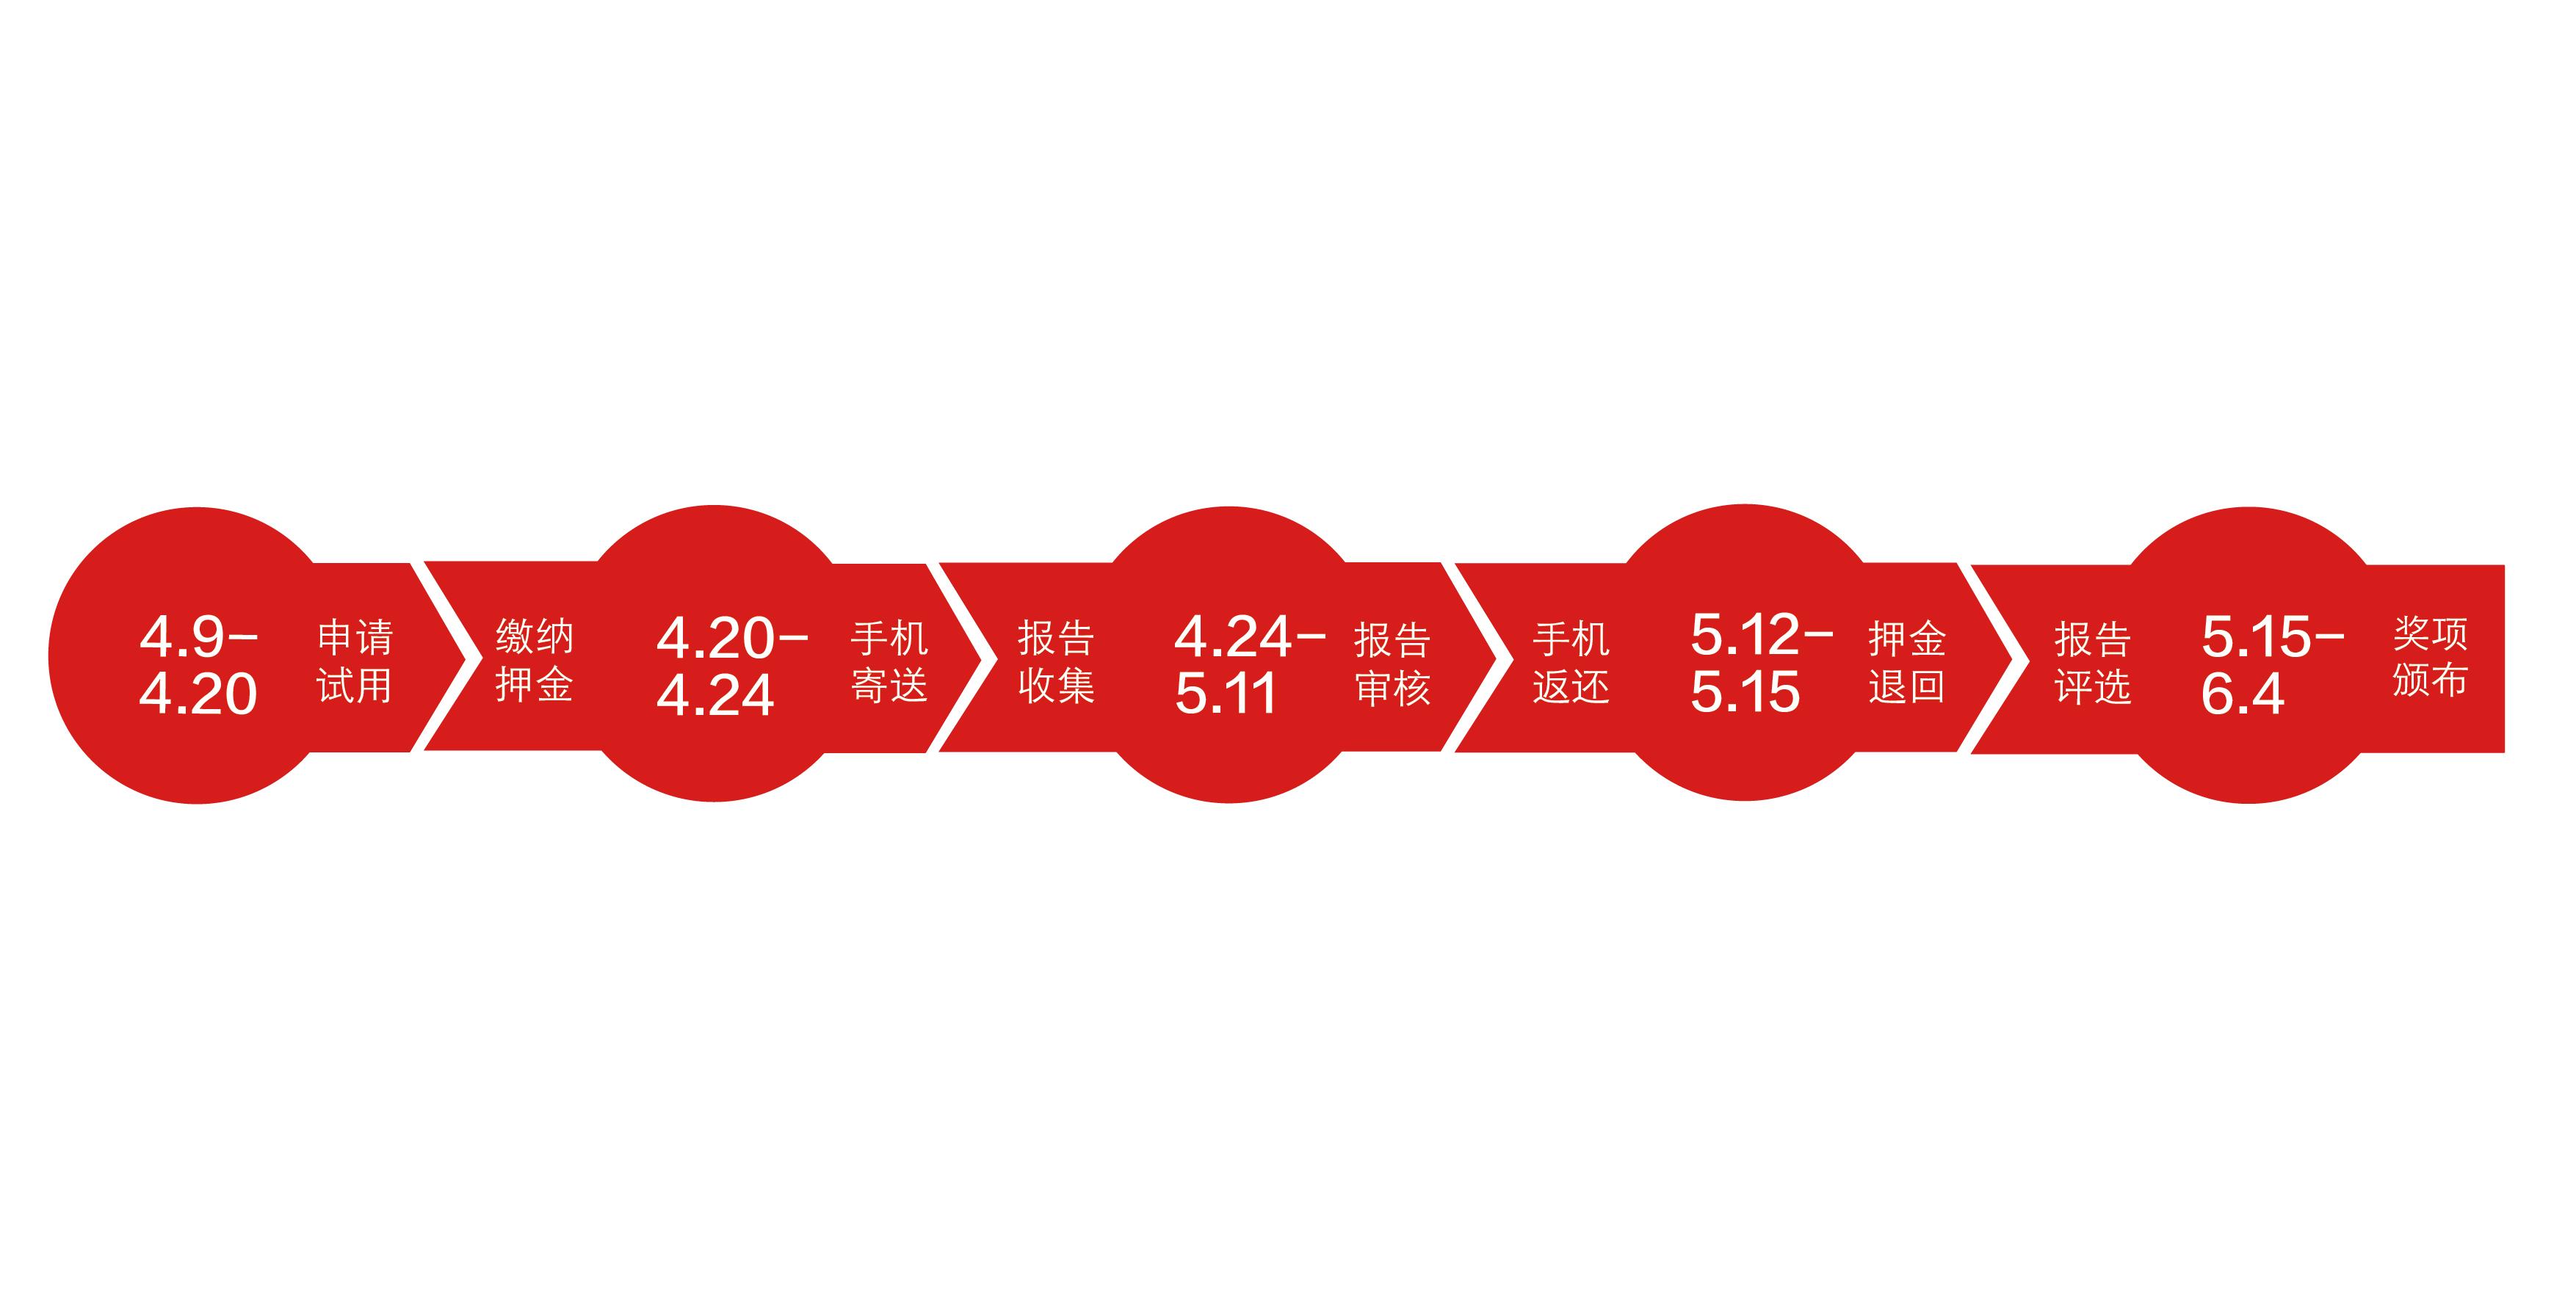 88流程图jpg_画板 1.jpg